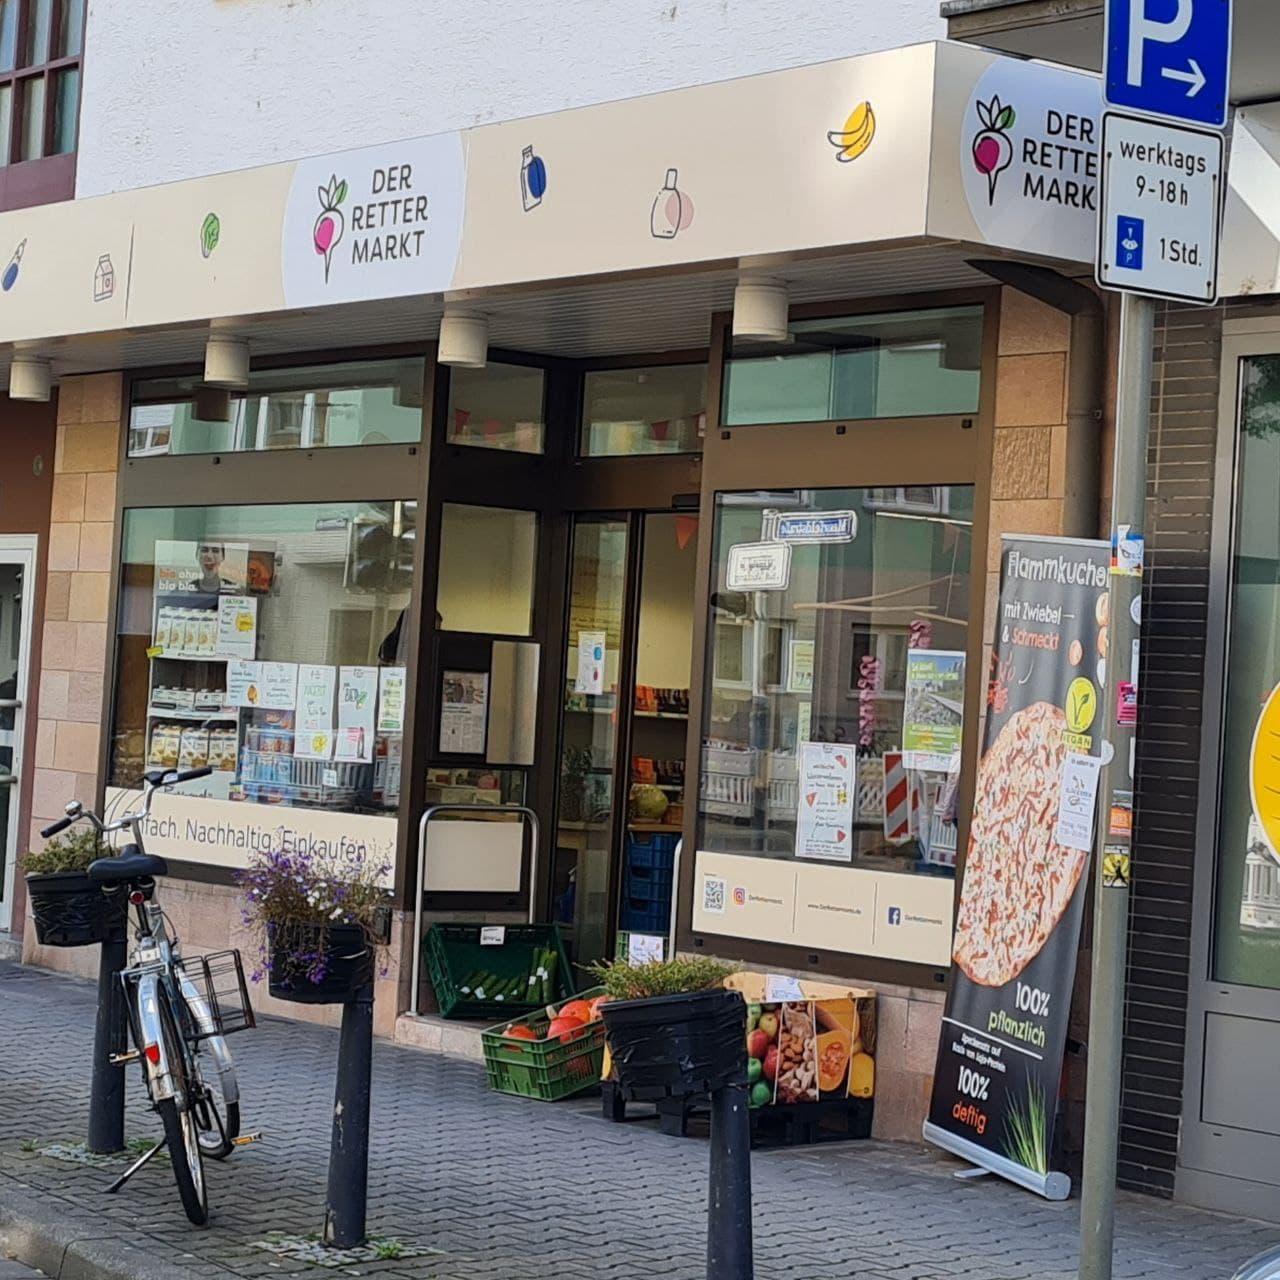 Der-Rettermarkt-Mannheim